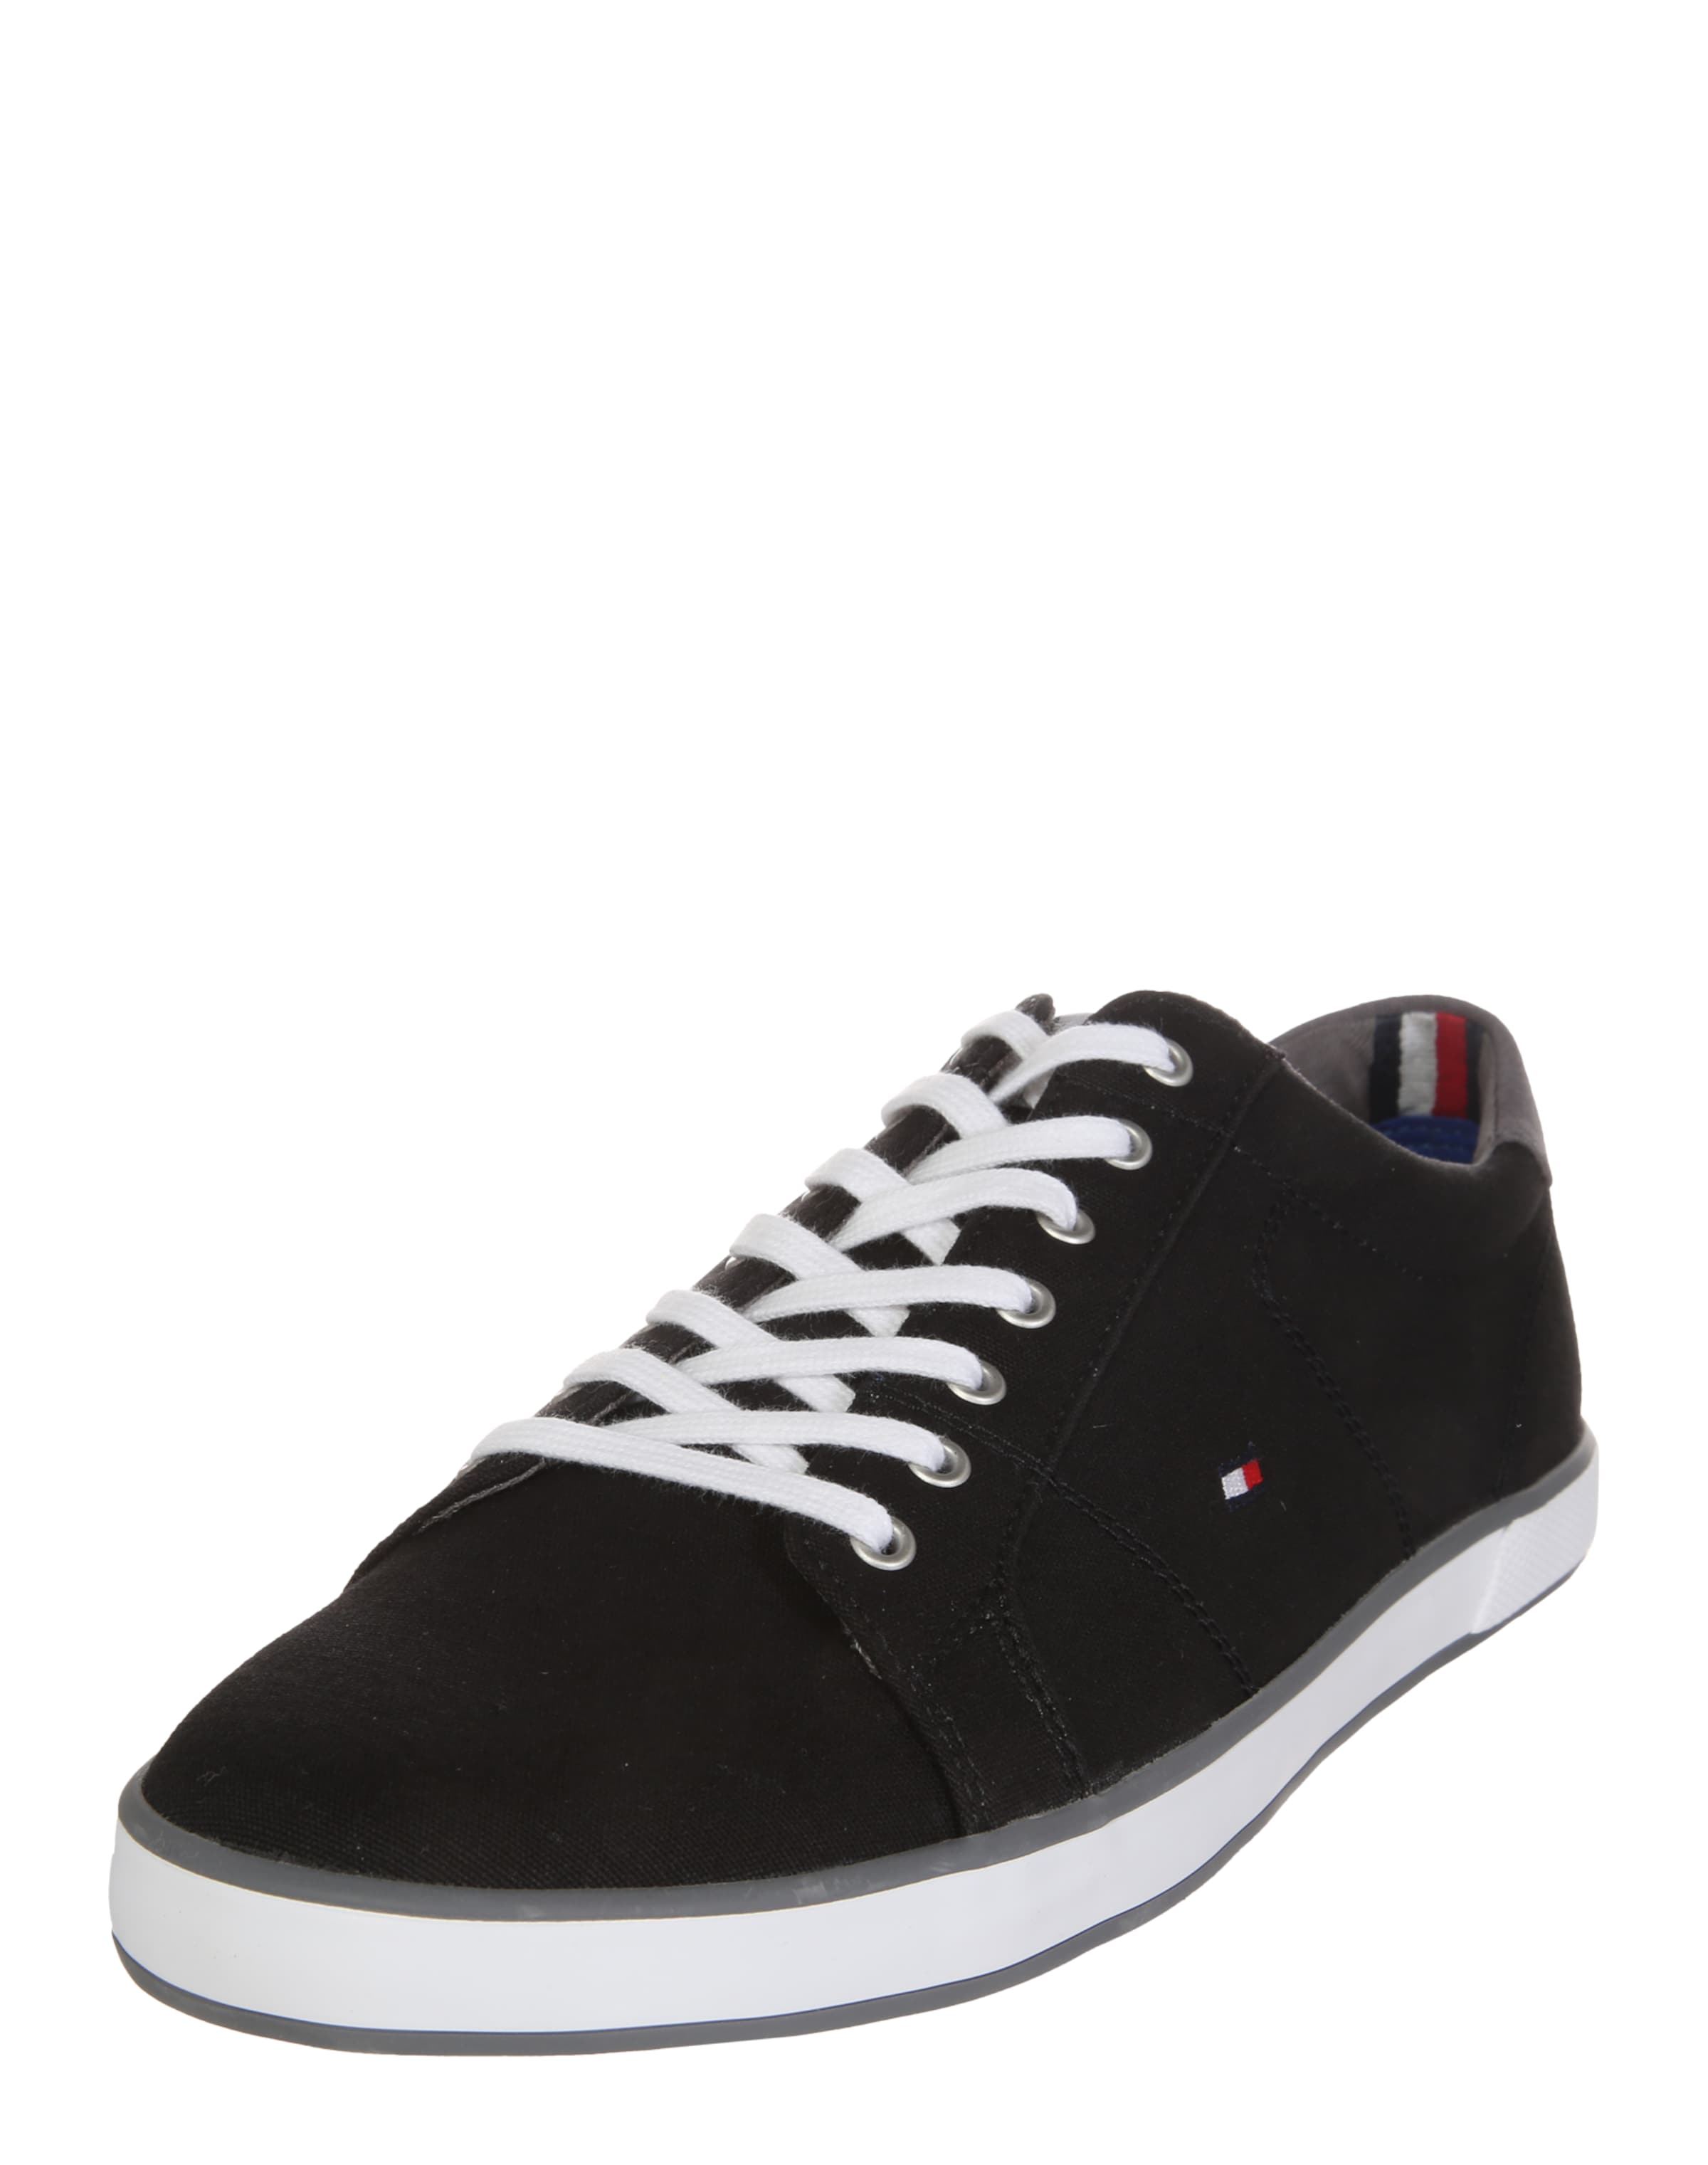 TOMMY HILFIGER Sneaker Günstige und langlebige Schuhe